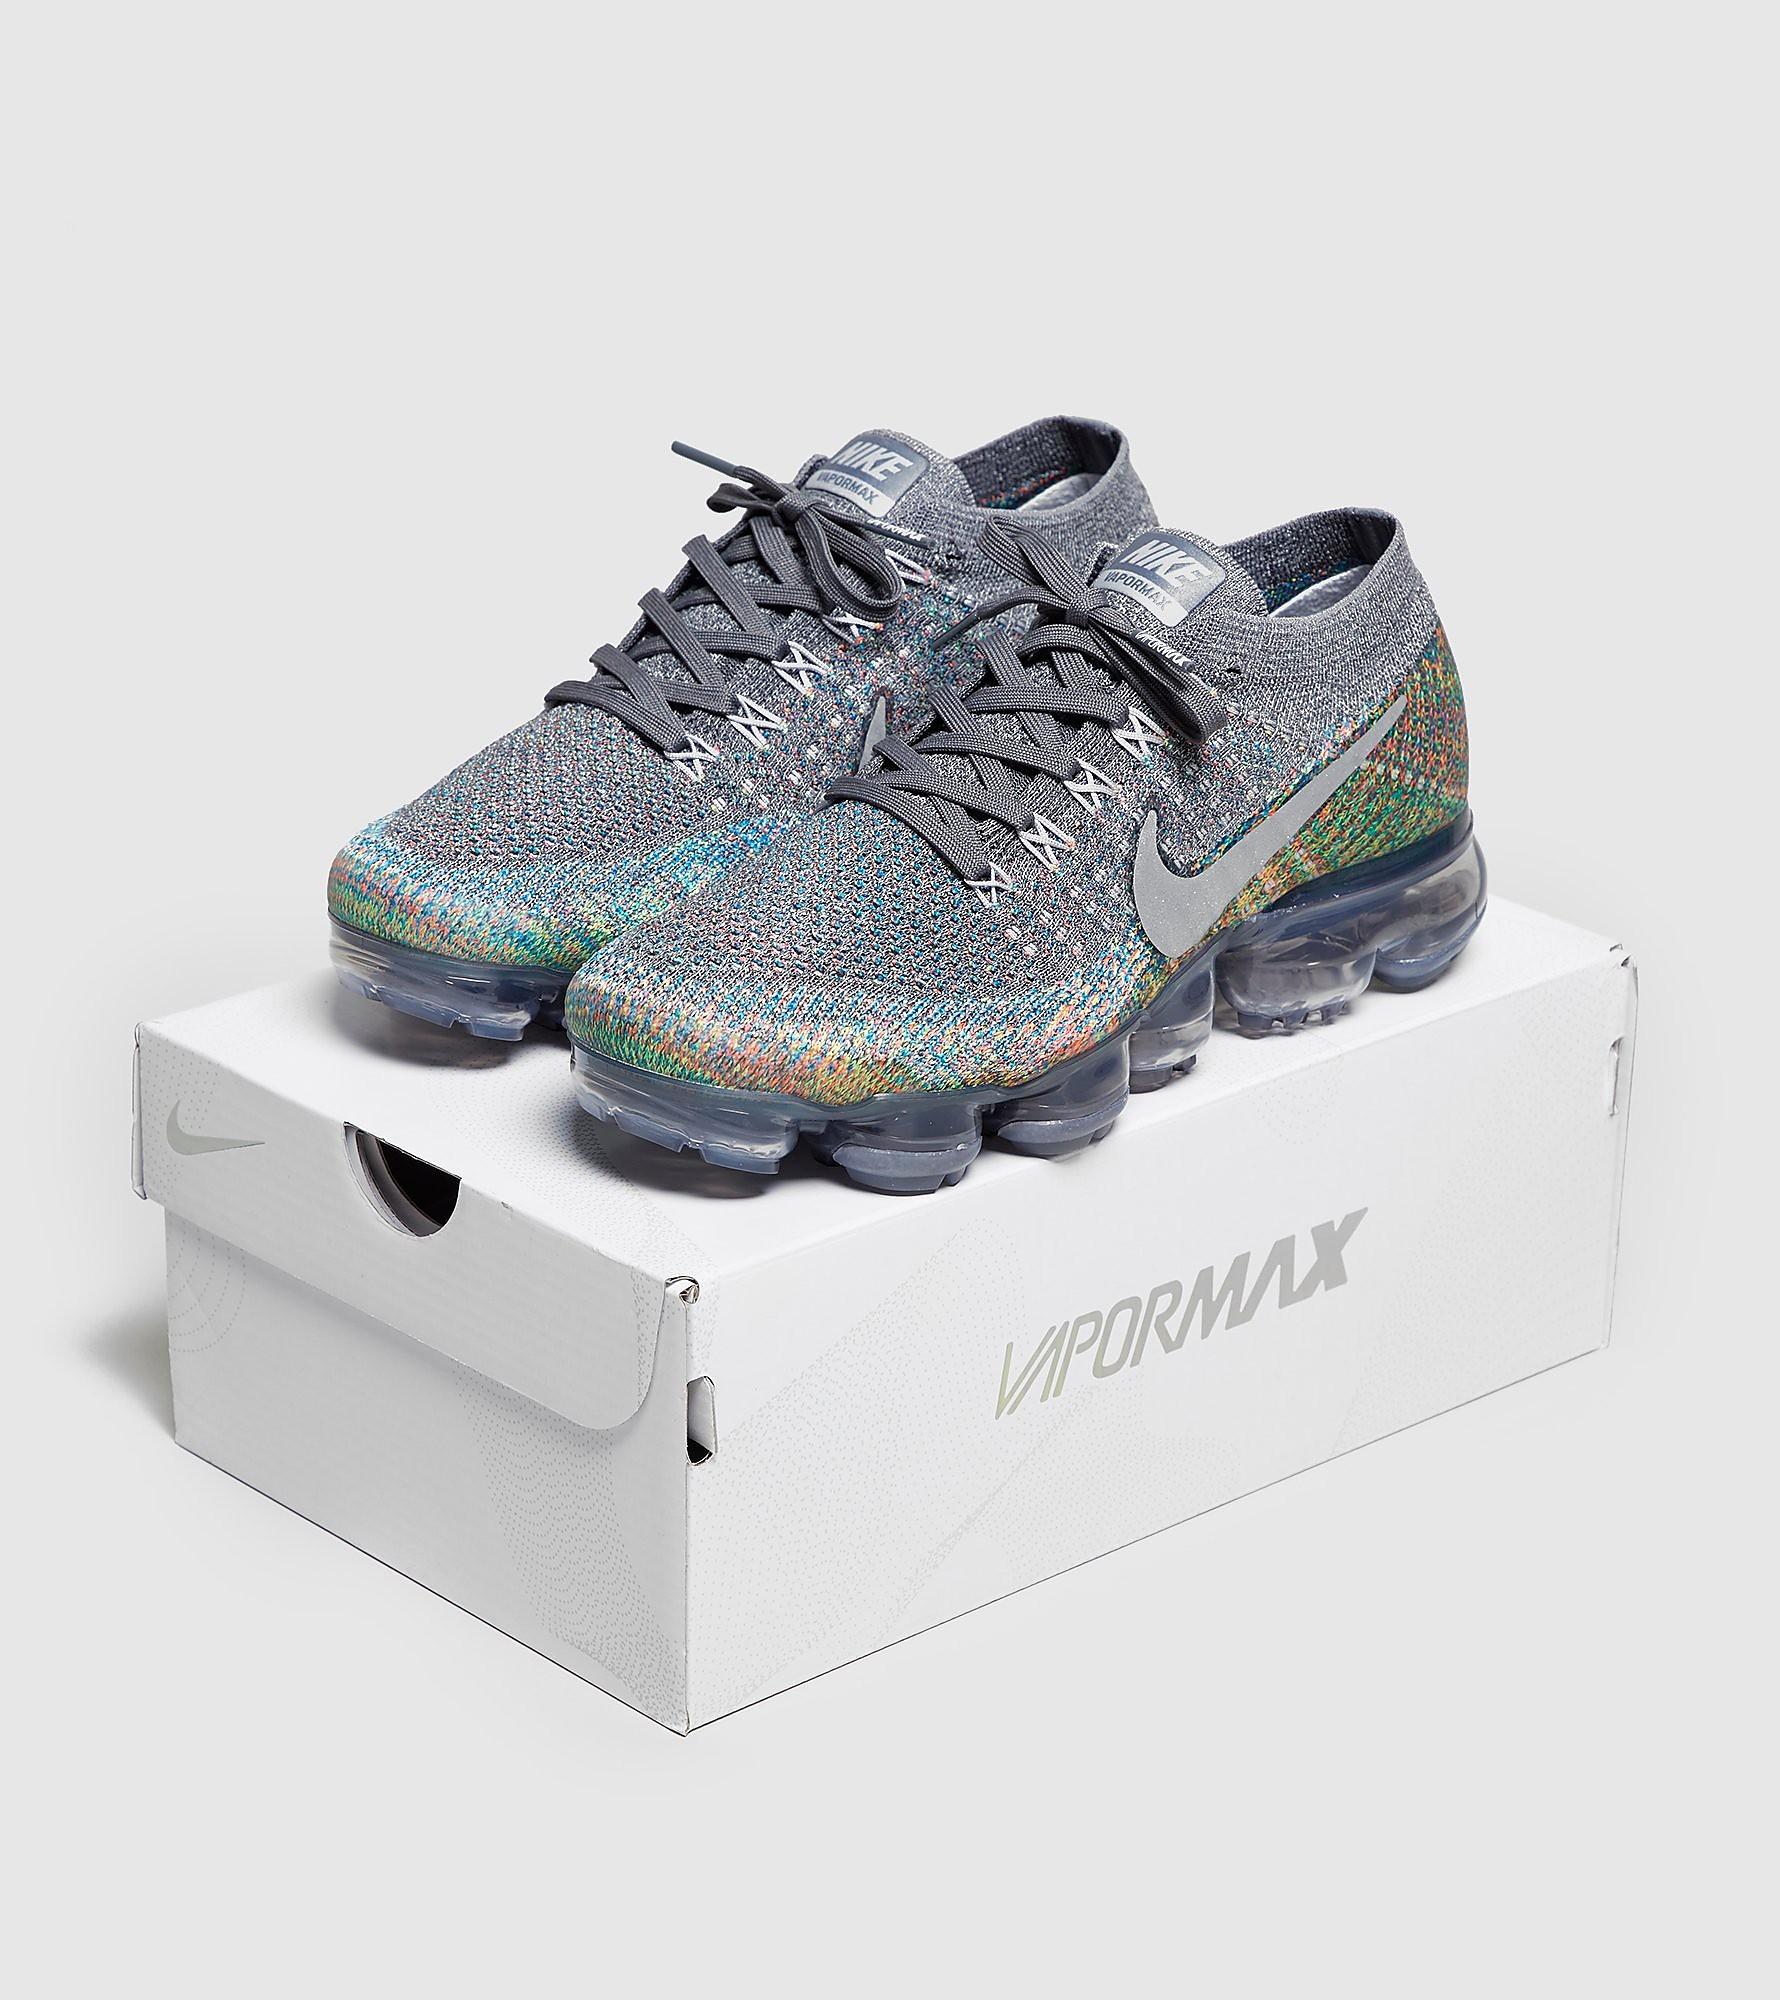 Nike VaporMax Flyknit Frauen